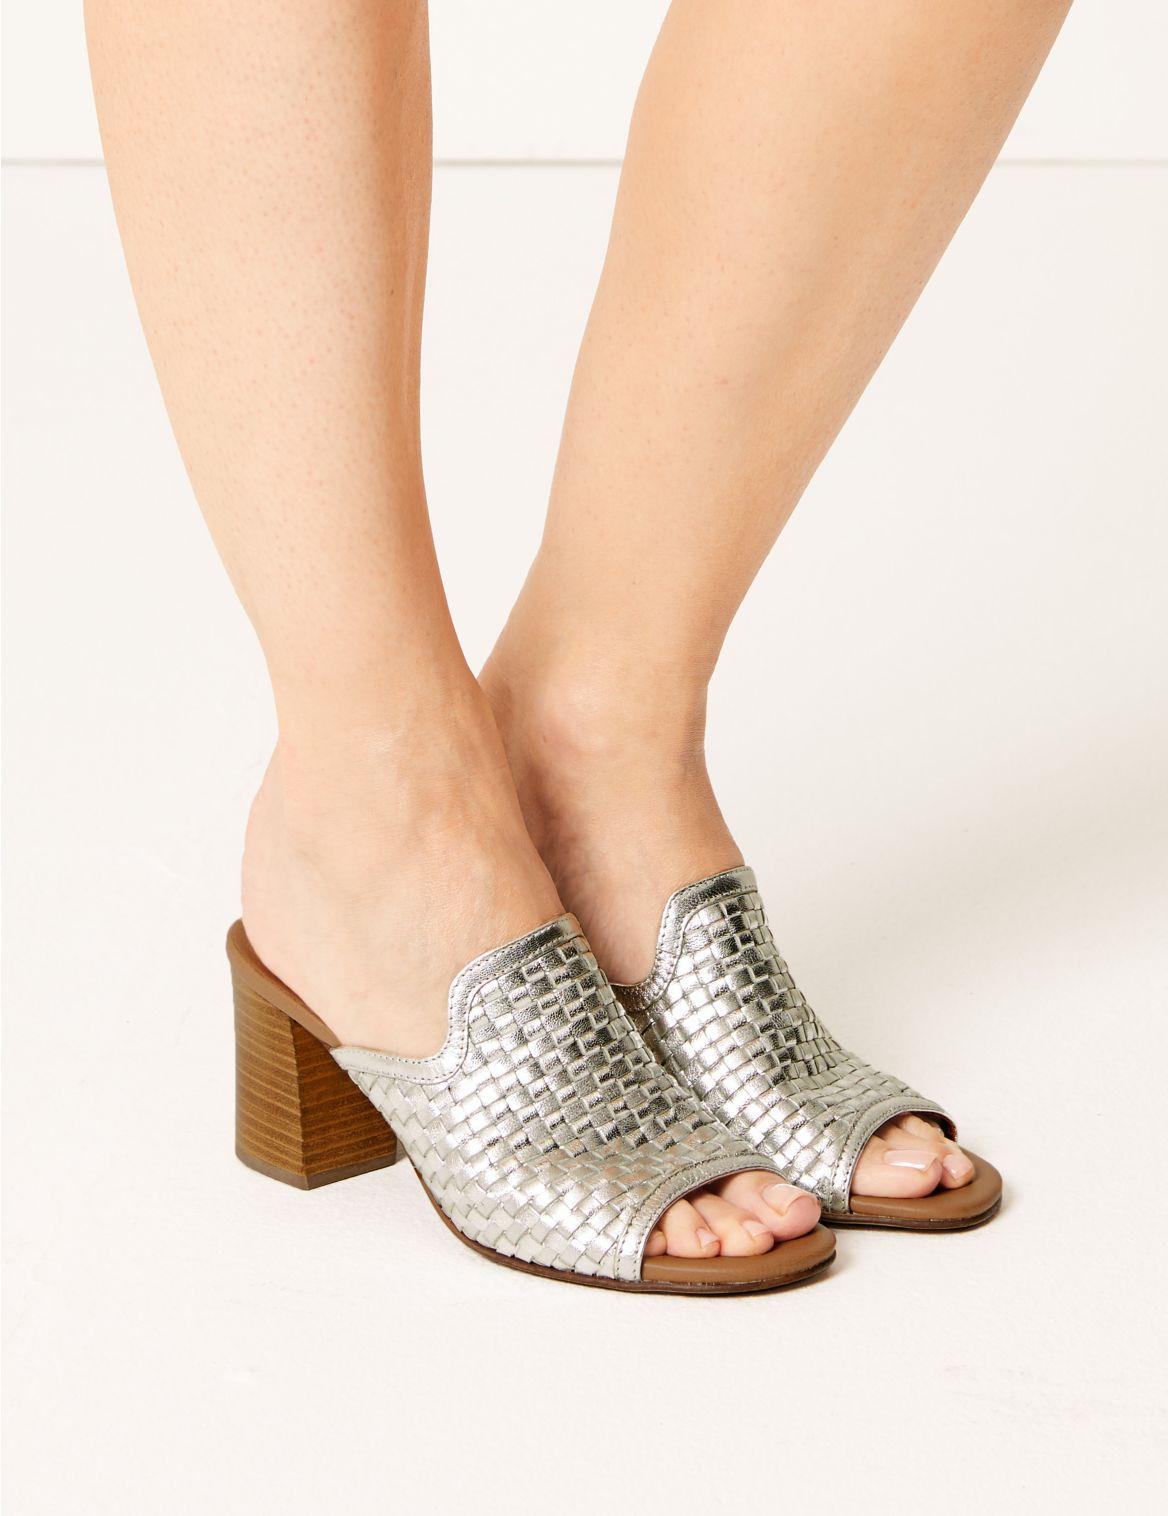 SD 01 T02 4445 XX X EC 0?wid=1168&hei=1516&fit=fit,1 - Women Shoes